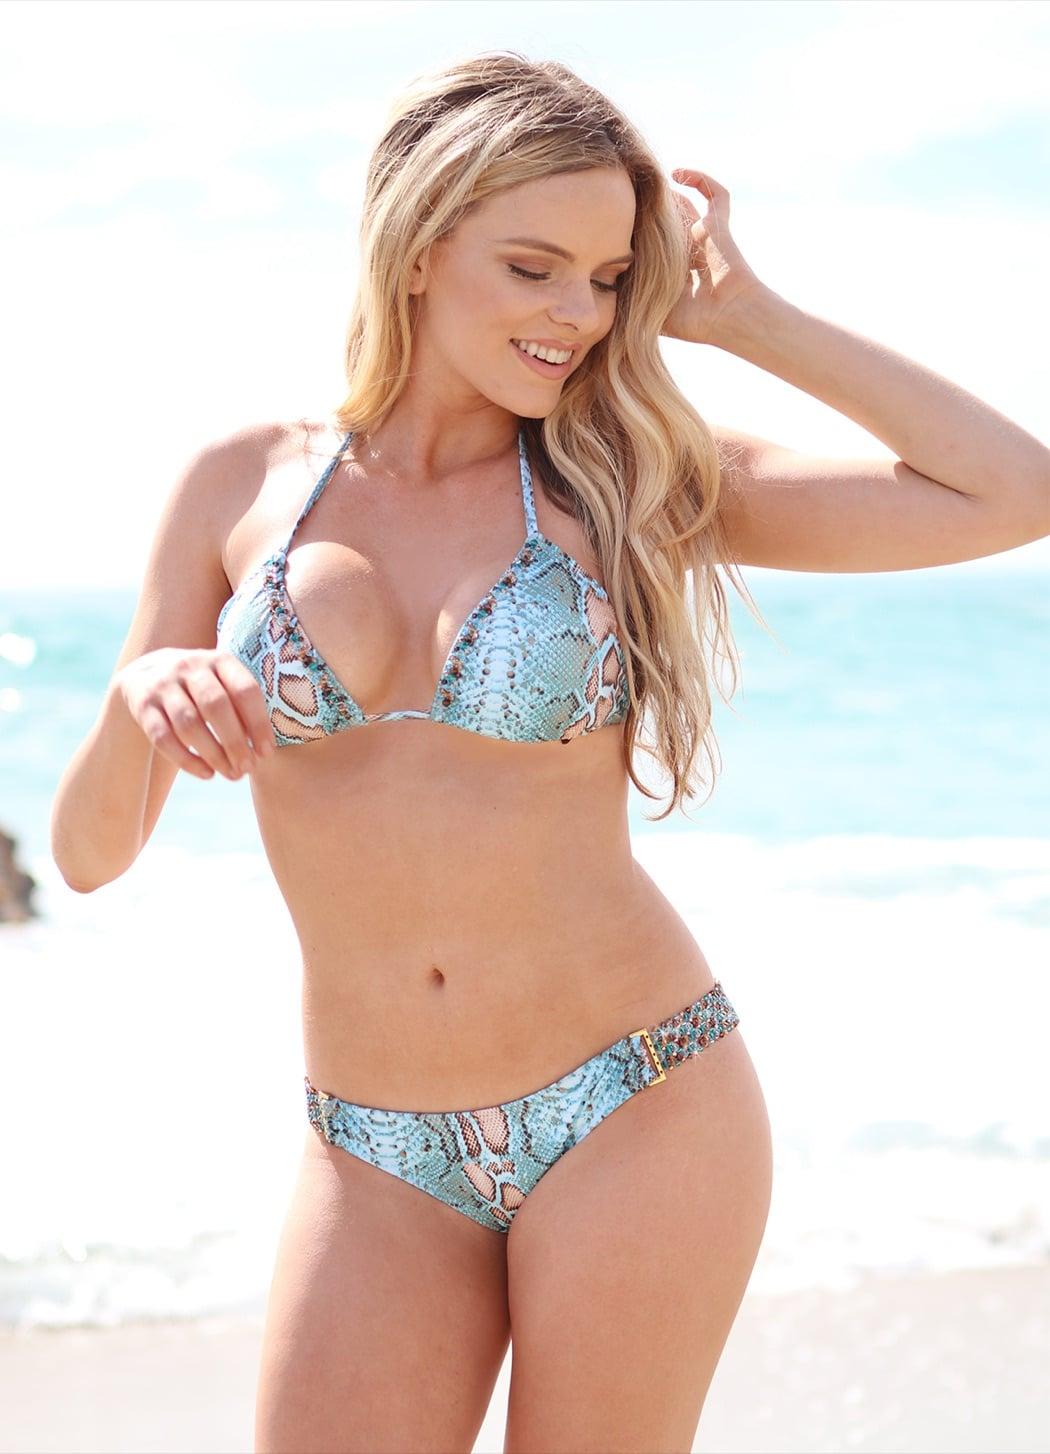 Beach Candy Swimwear With A Touch Of Swarovski Sparkle